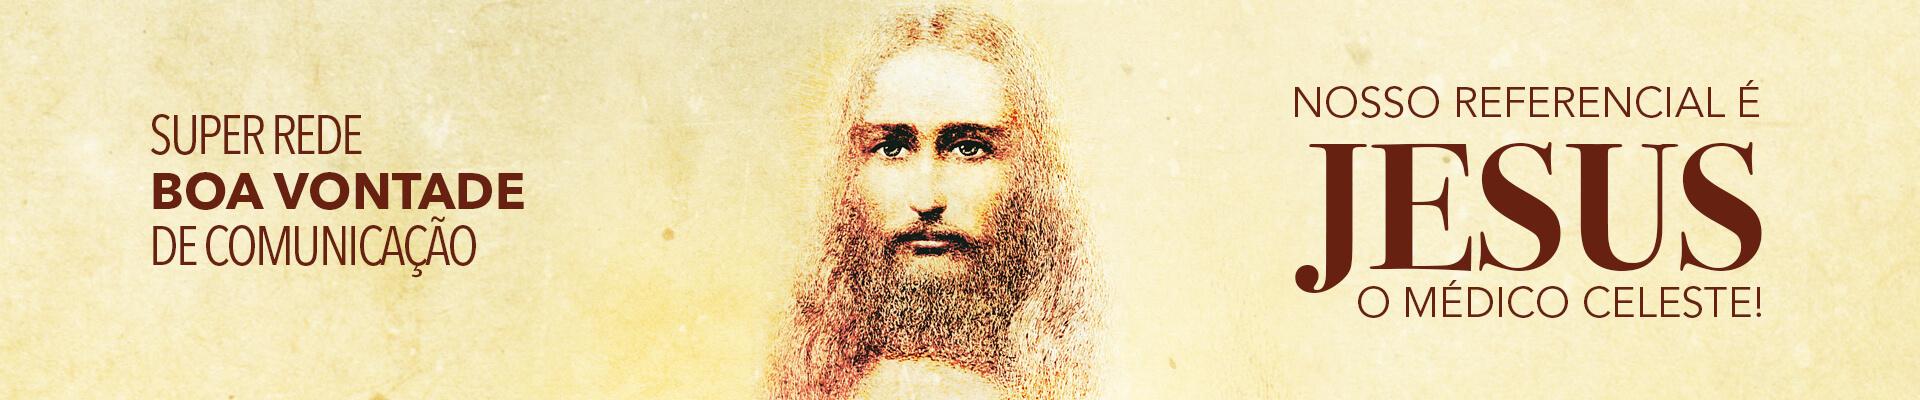 Nosso Referencial é Jesus